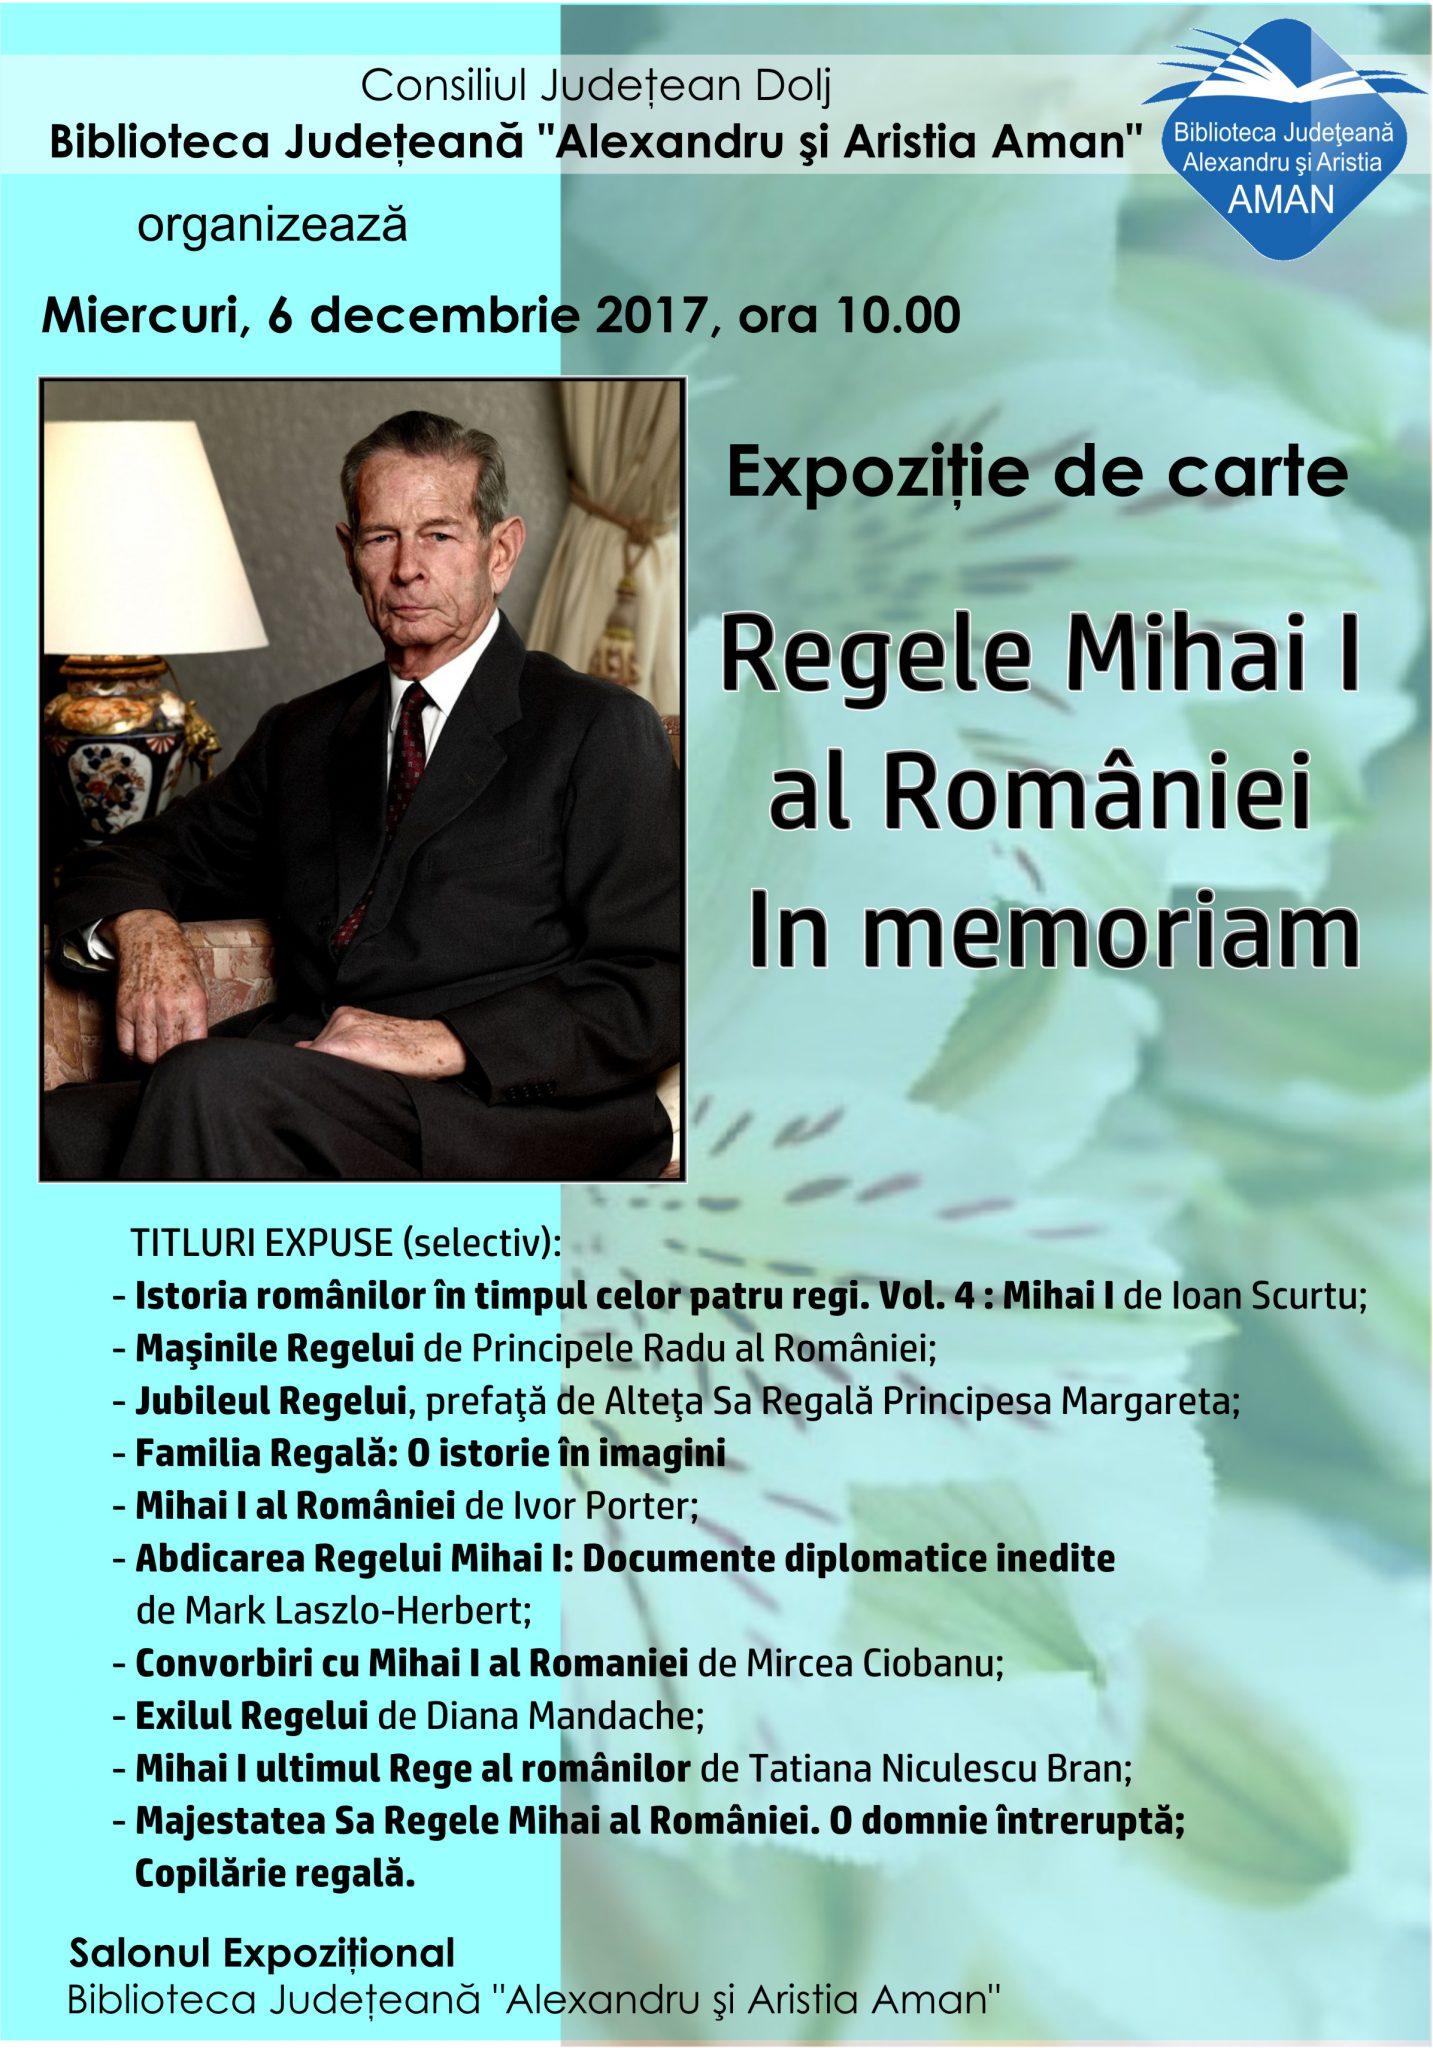 Expoziție de carte dedicată M.S. Regele Mihai I al României